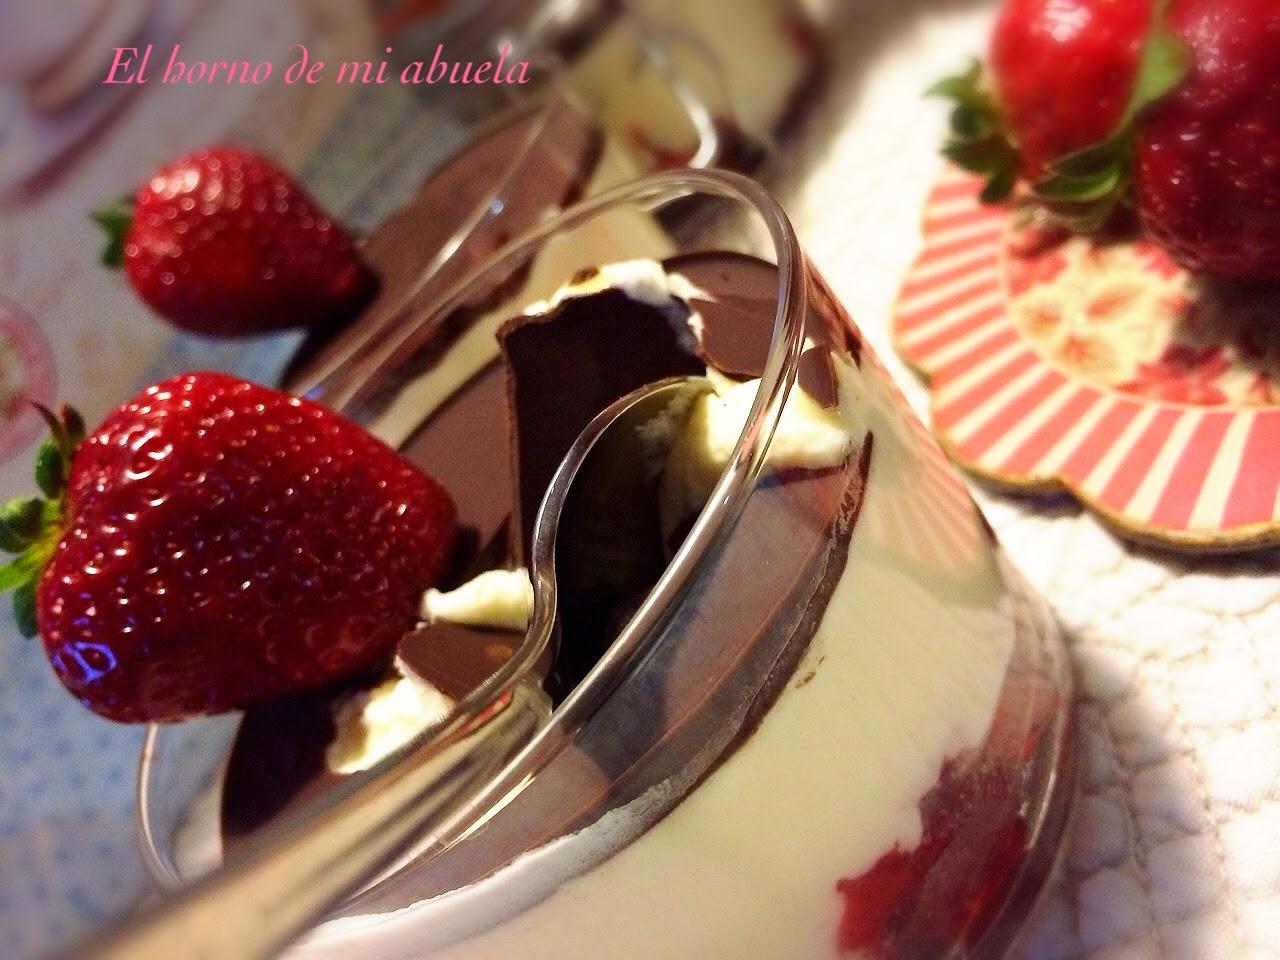 Vasitos de Mousse de Mascarpone con fresas y crujiente de chocolate